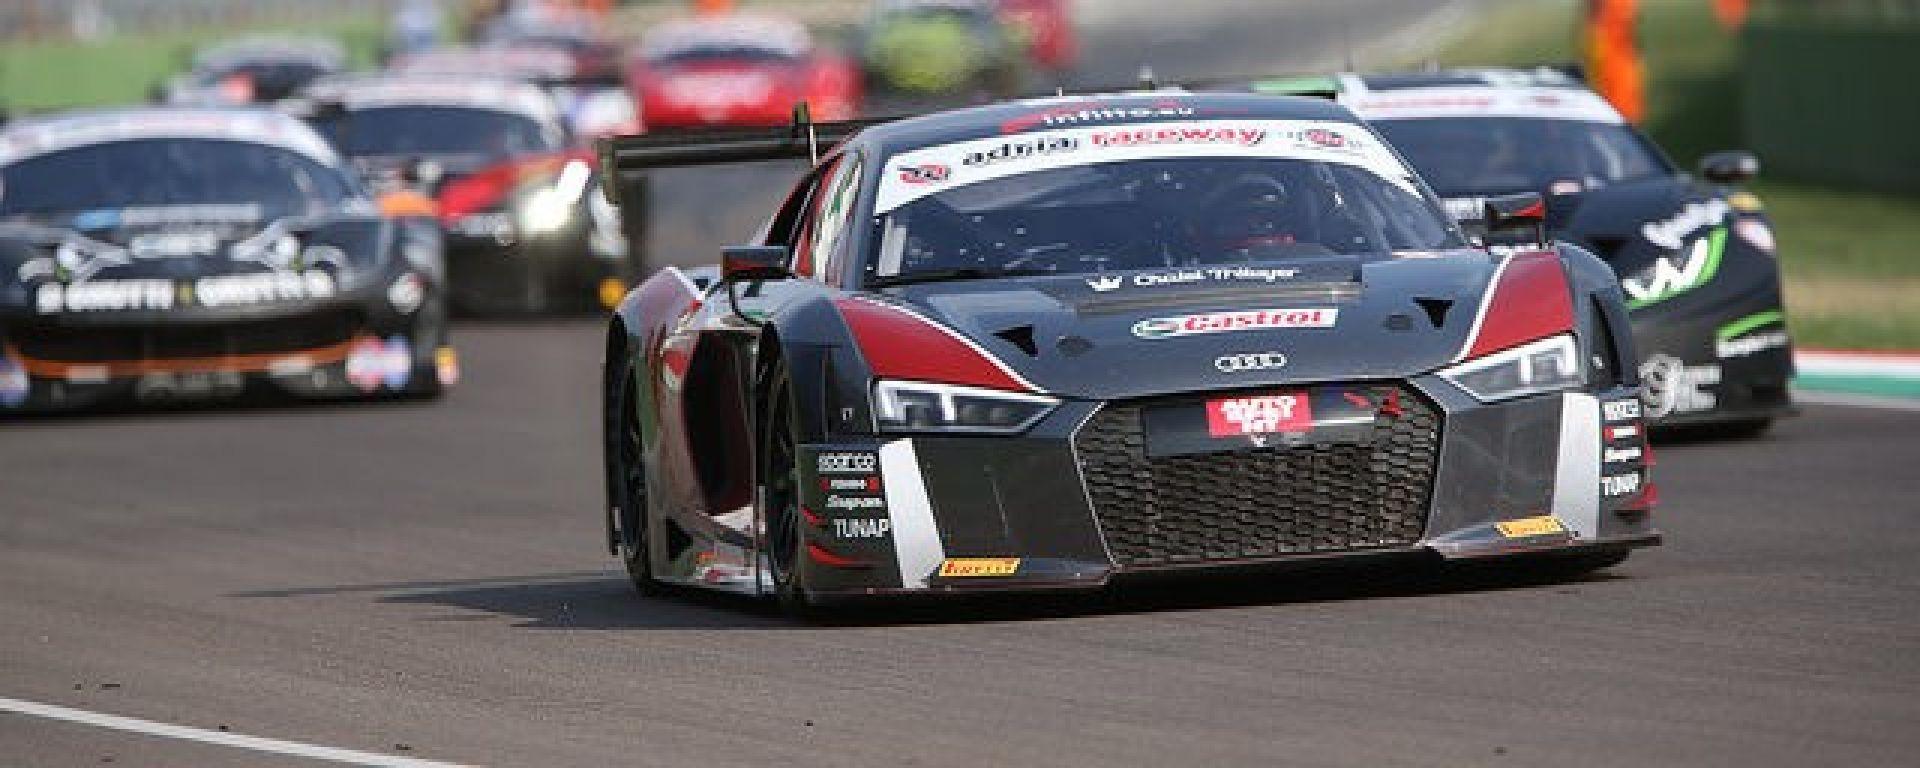 Audi R8 LMS nella prima gara del weekend a Imola